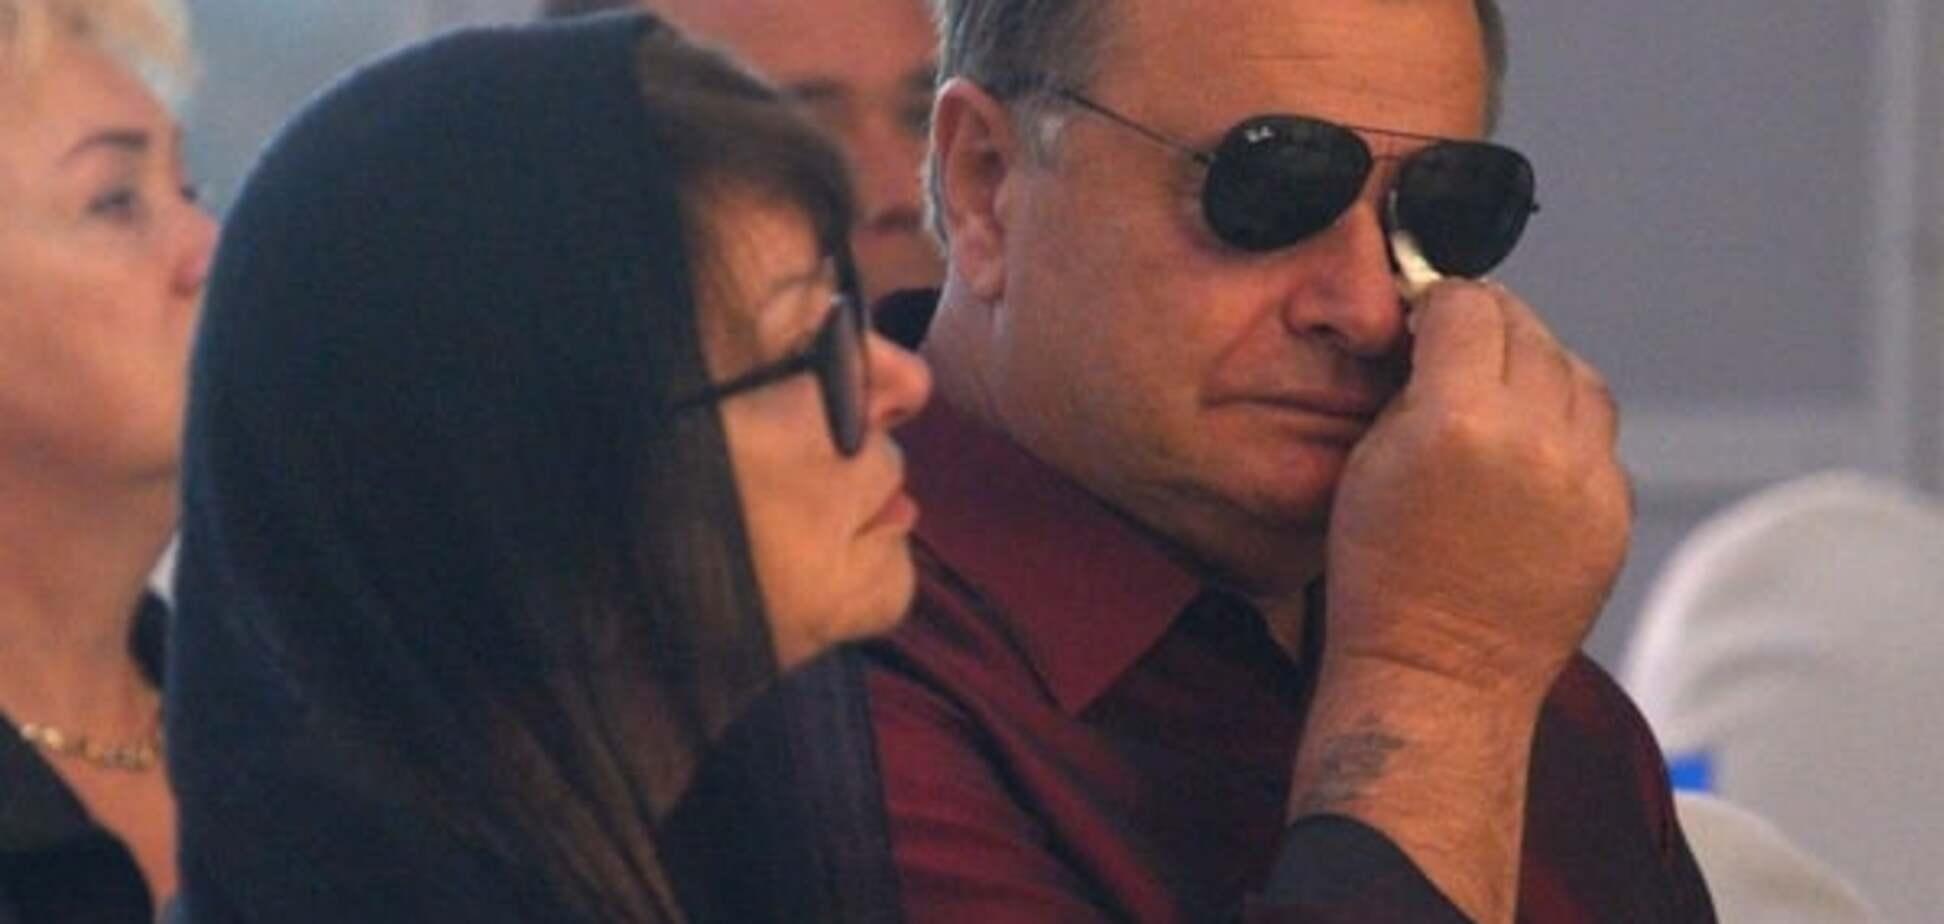 Матері Фріске загрожує термін за шахрайство: думка юриста